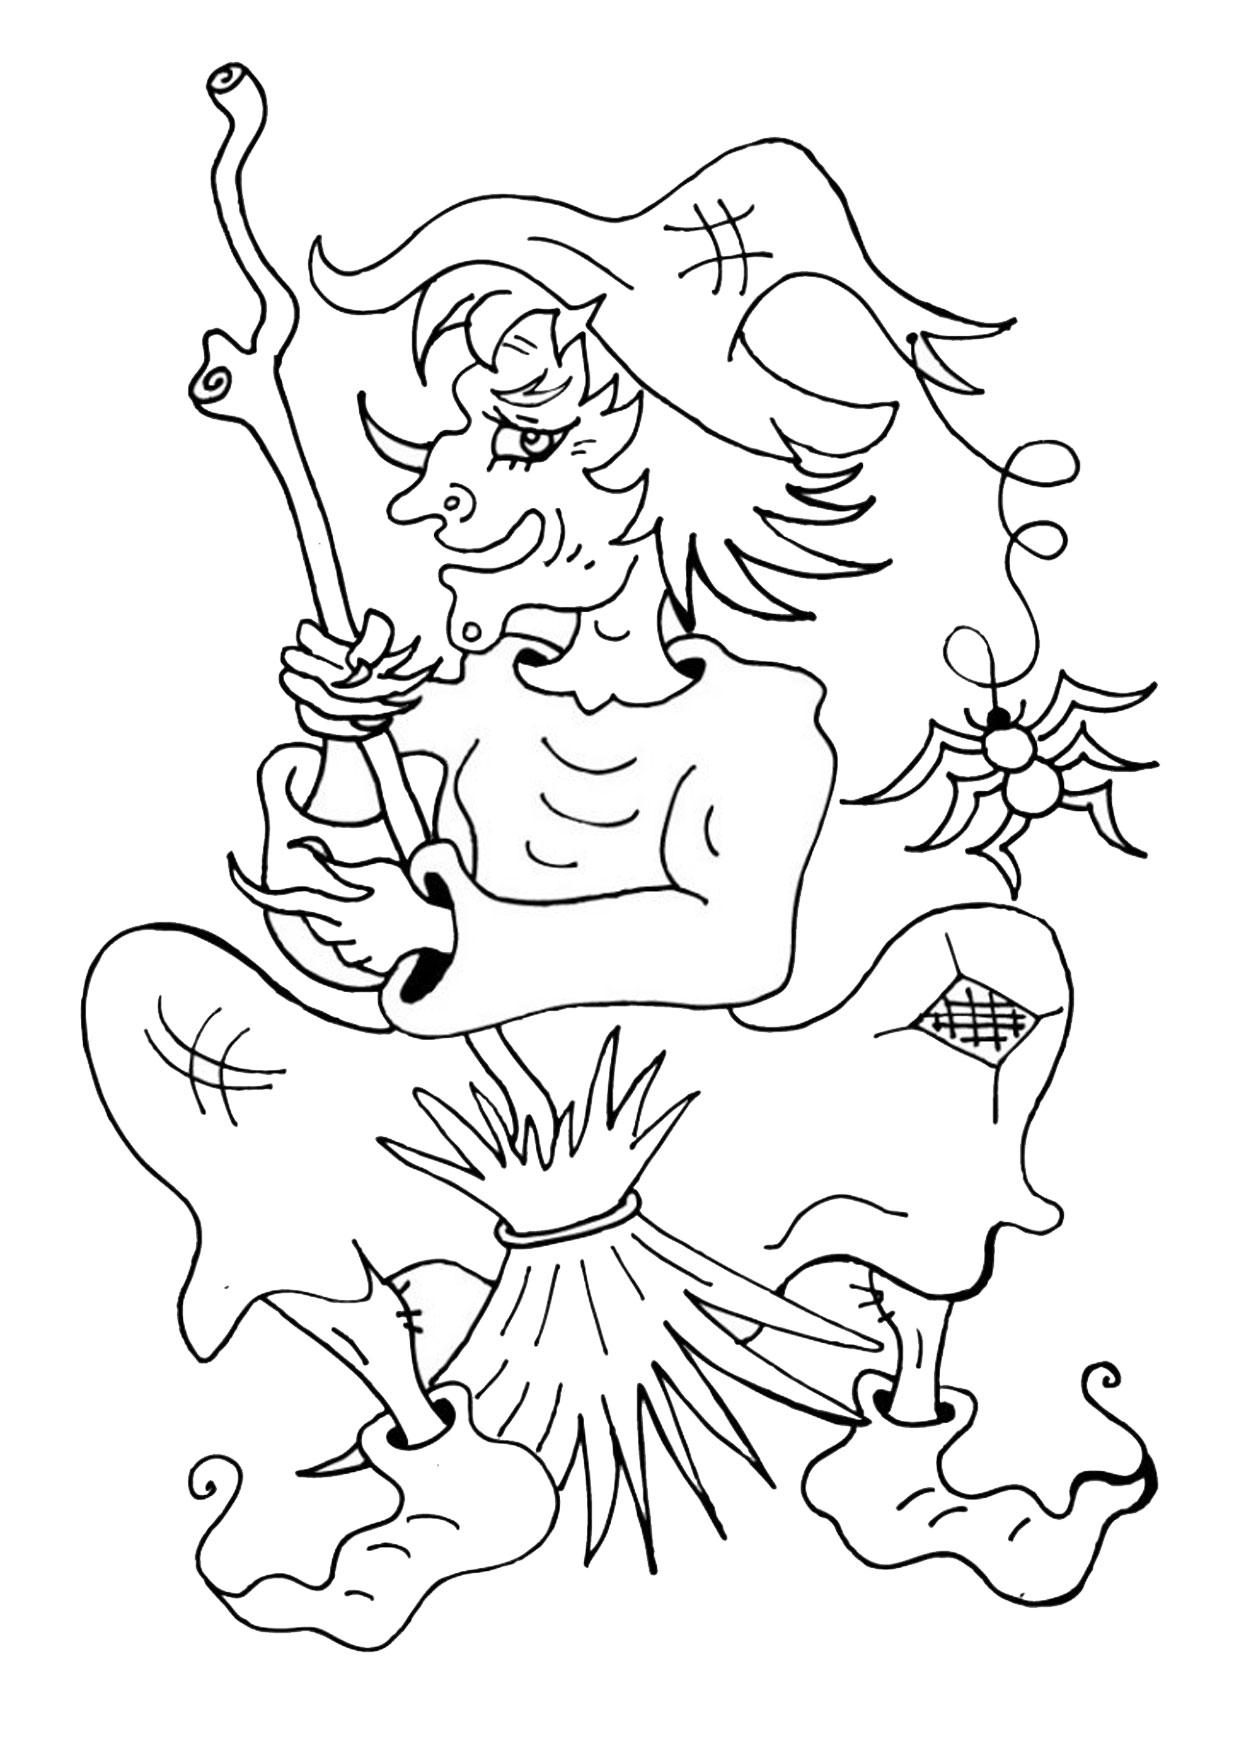 Disegno di strega da colorare 30